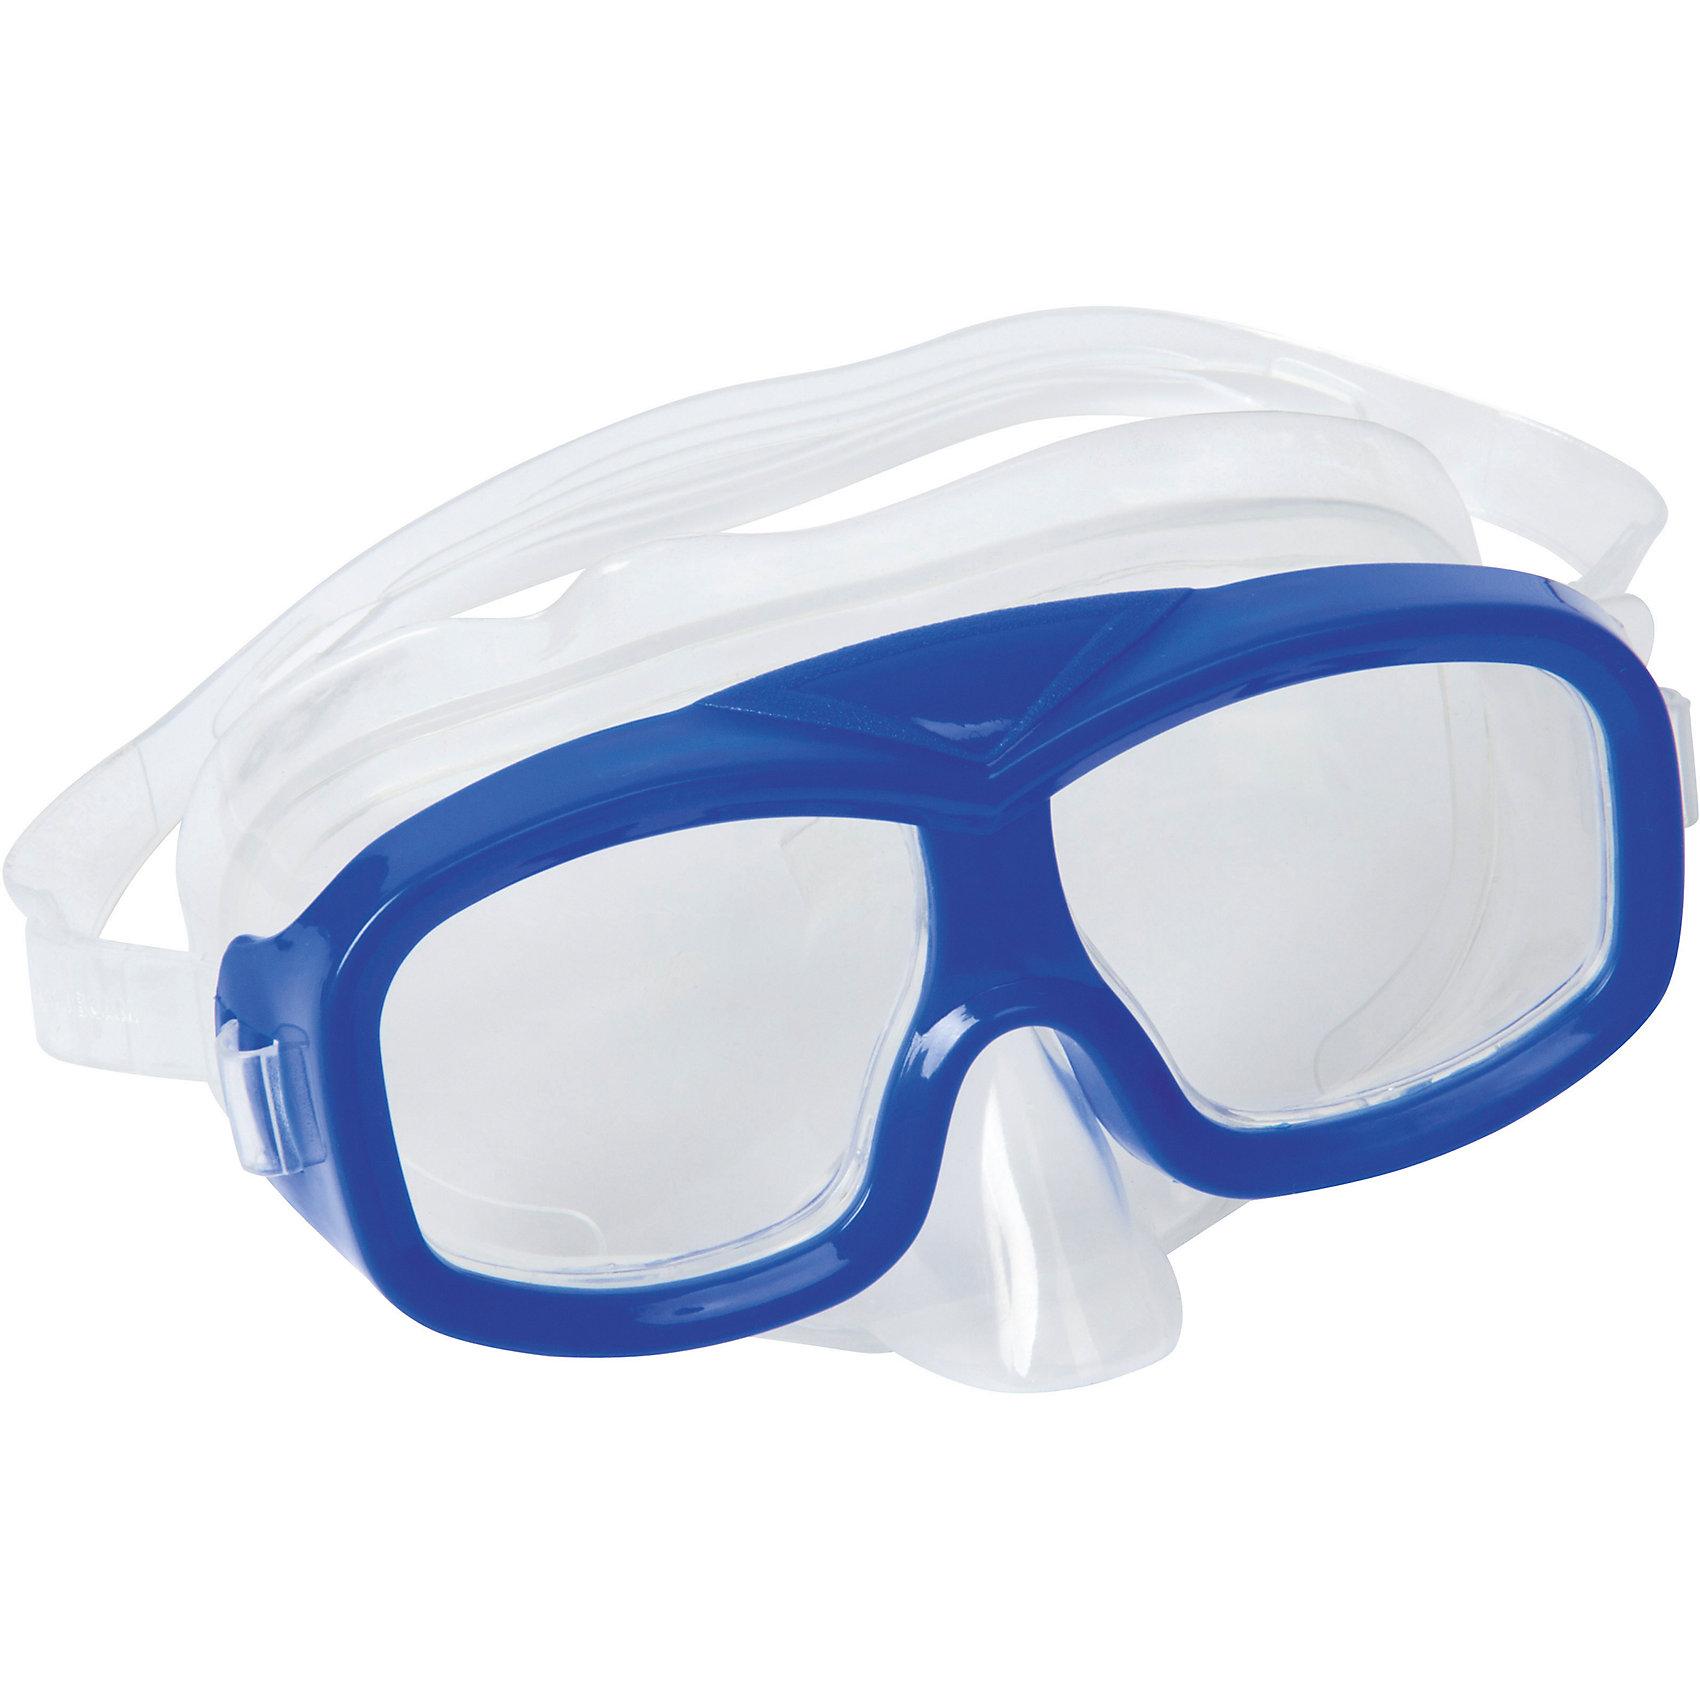 Маска для ныряния Neuwave детская, синяя, BestwayОчки, маски, ласты, шапочки<br>Маска для ныряния Neuwave детская, синяя, Bestway (Бествей)<br><br>Характеристики:<br><br>• надежно защищает<br>• плотно прилегает к голове<br>• не вызывает аллергии<br>• материал: пластик<br>• цвет: синий<br>• вес: 113 грамм<br><br>Маска Neuwave надежно защитит глаза ребенка во время изучения подводного мира. Маска подходит для ныряния, игр в воде и занятий в бассейне. Она плотно прилегает к голове благодаря регулирующемуся ремешку. Изготовлена из гипоаллергенных материалов.<br><br>Маску для ныряния Neuwave детская, синяя, Bestway (Бествей) можно купить в нашем интернет-магазине.<br><br>Ширина мм: 432<br>Глубина мм: 365<br>Высота мм: 245<br>Вес г: 113<br>Возраст от месяцев: 36<br>Возраст до месяцев: 72<br>Пол: Мужской<br>Возраст: Детский<br>SKU: 5486987